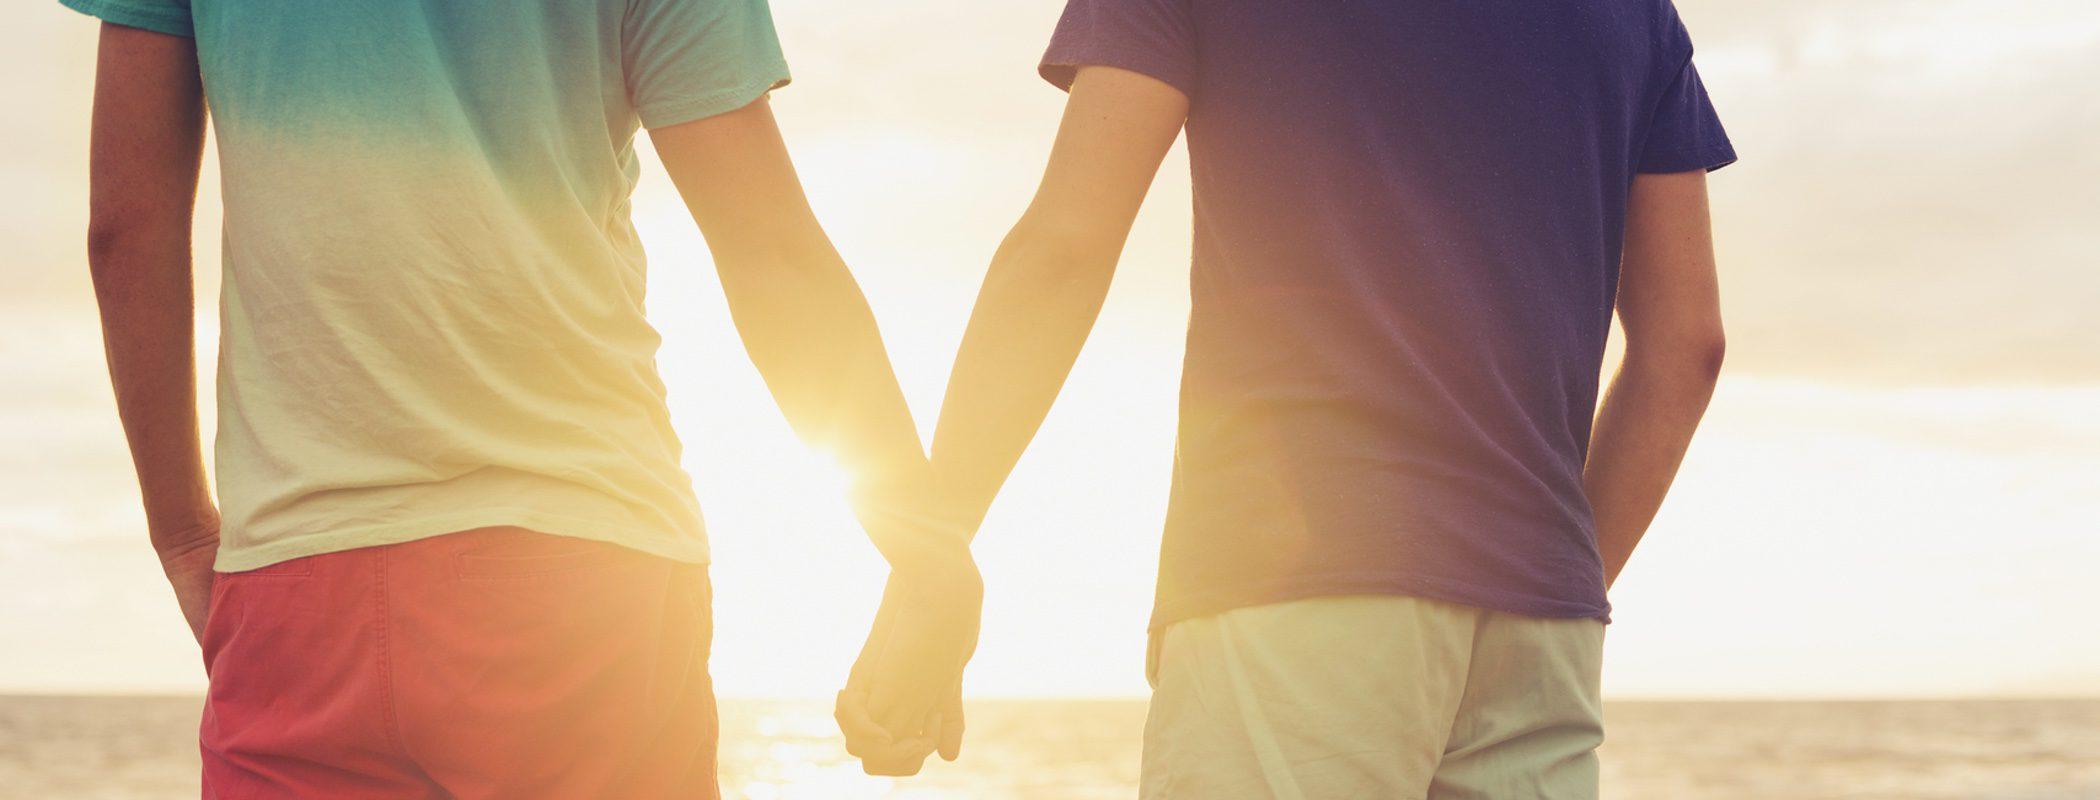 Soy gay y estoy casado con una mujer: ¿Qué puedo hacer?